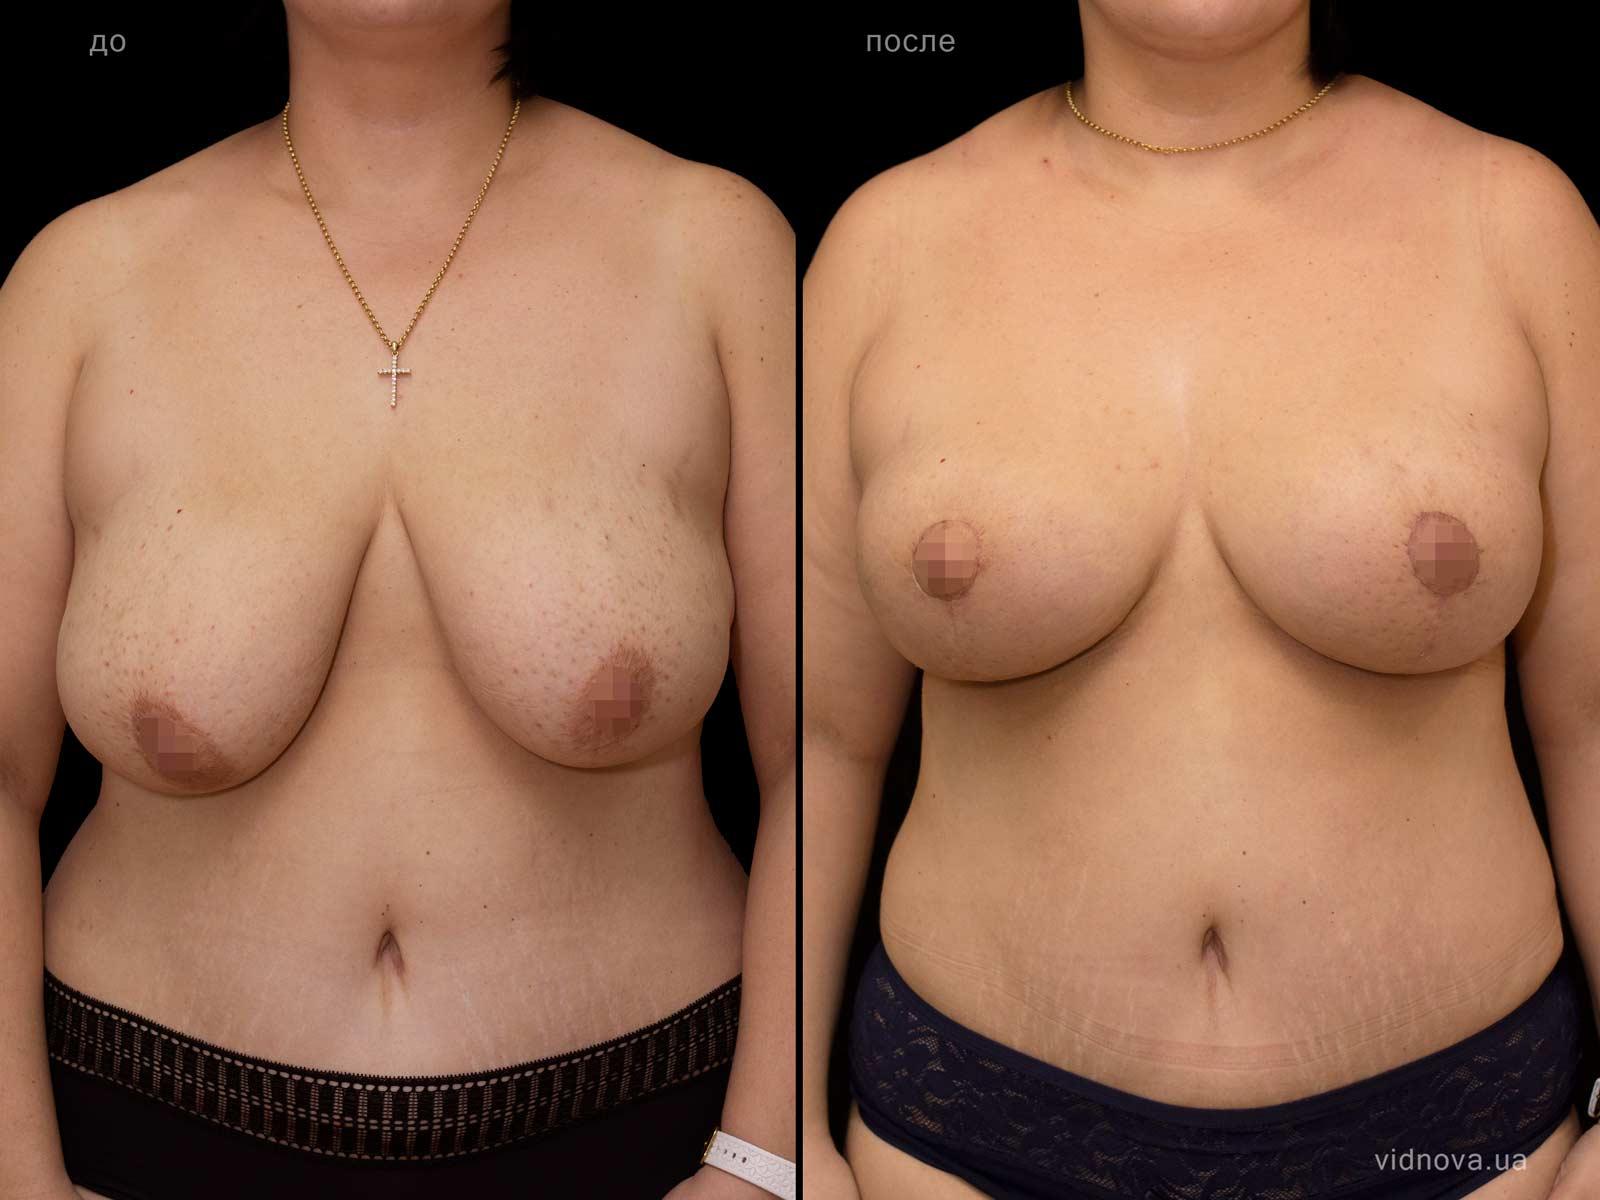 Пластика груди: результаты до и после - Пример №77-0 - Светлана Работенко